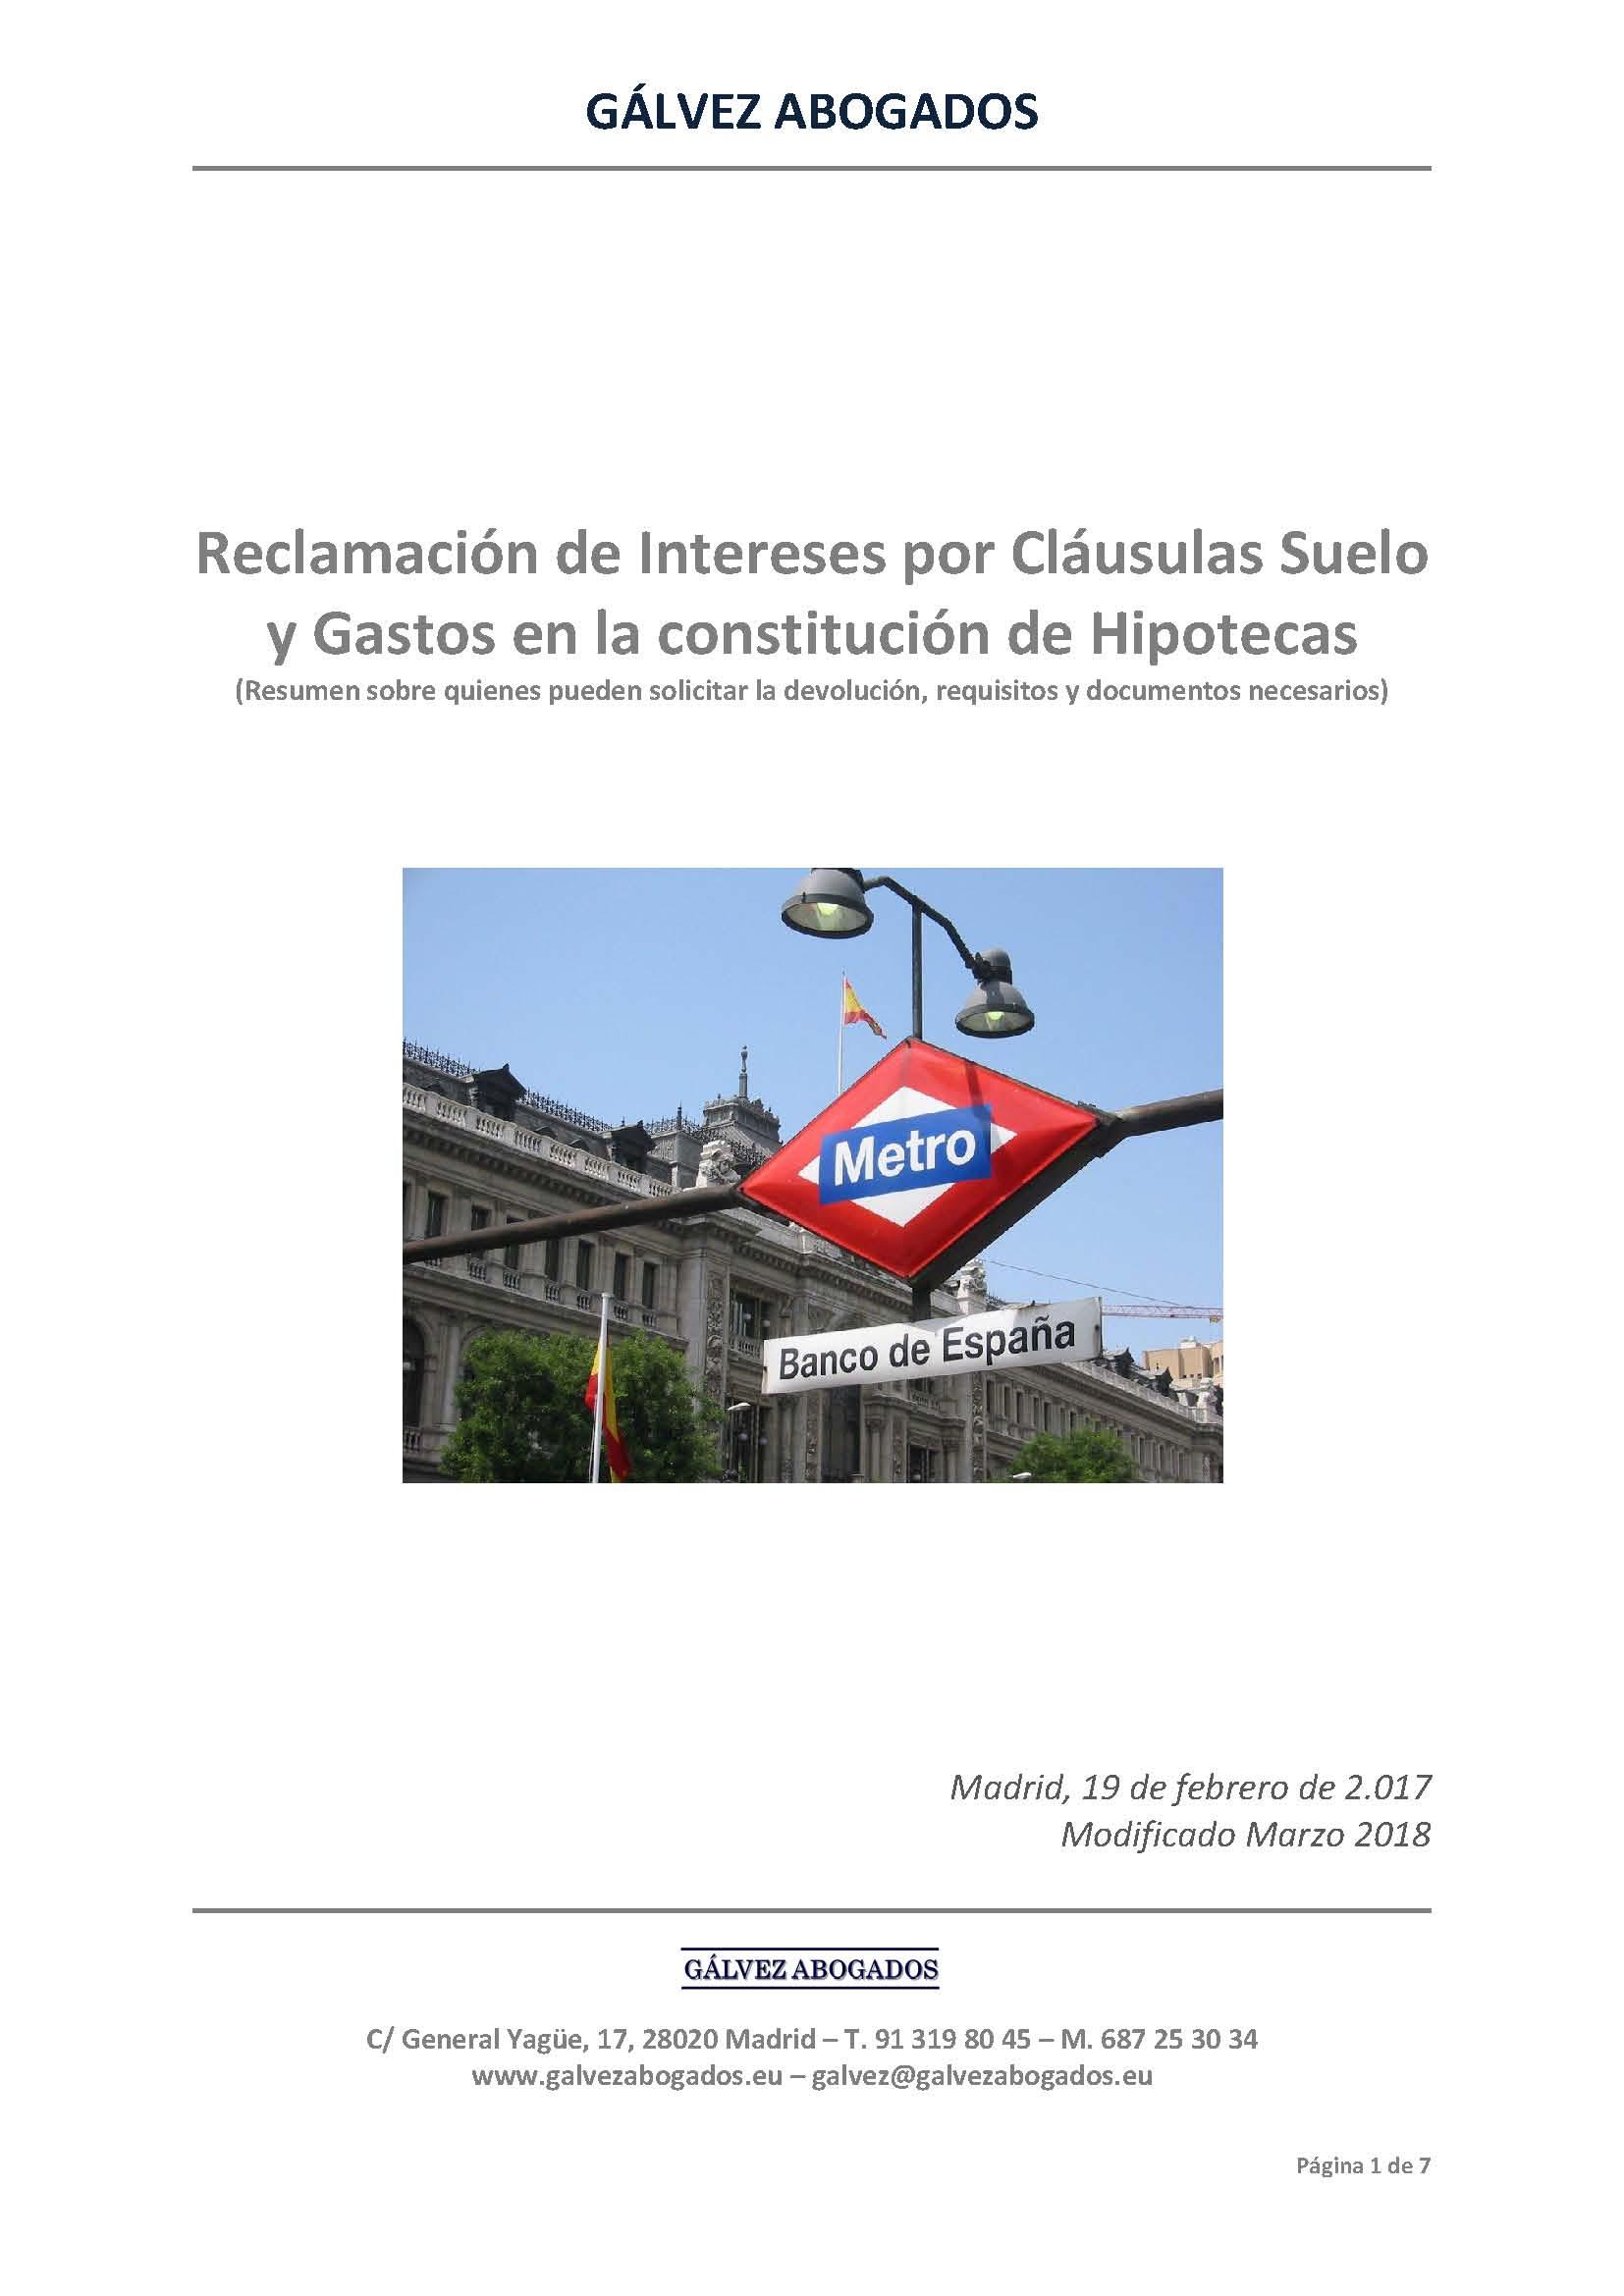 Clausulas suelo gastos hipoteca g lvez abogados t for Reclamacion clausula suelo hipoteca